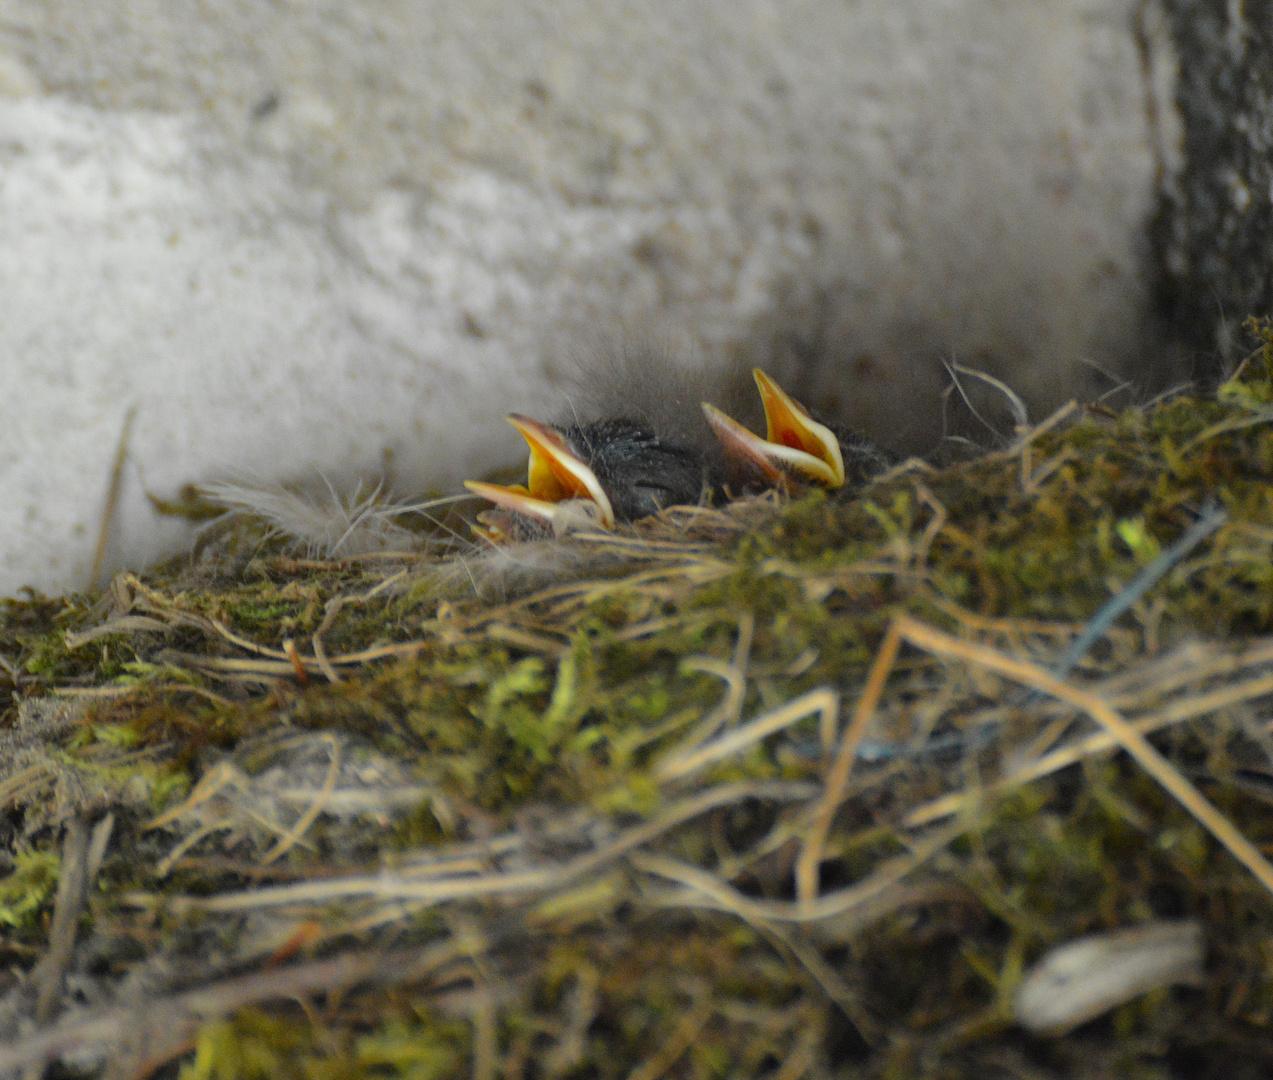 3 Tage alte Gartenrotschwanzbabys haben auch schon Hunger